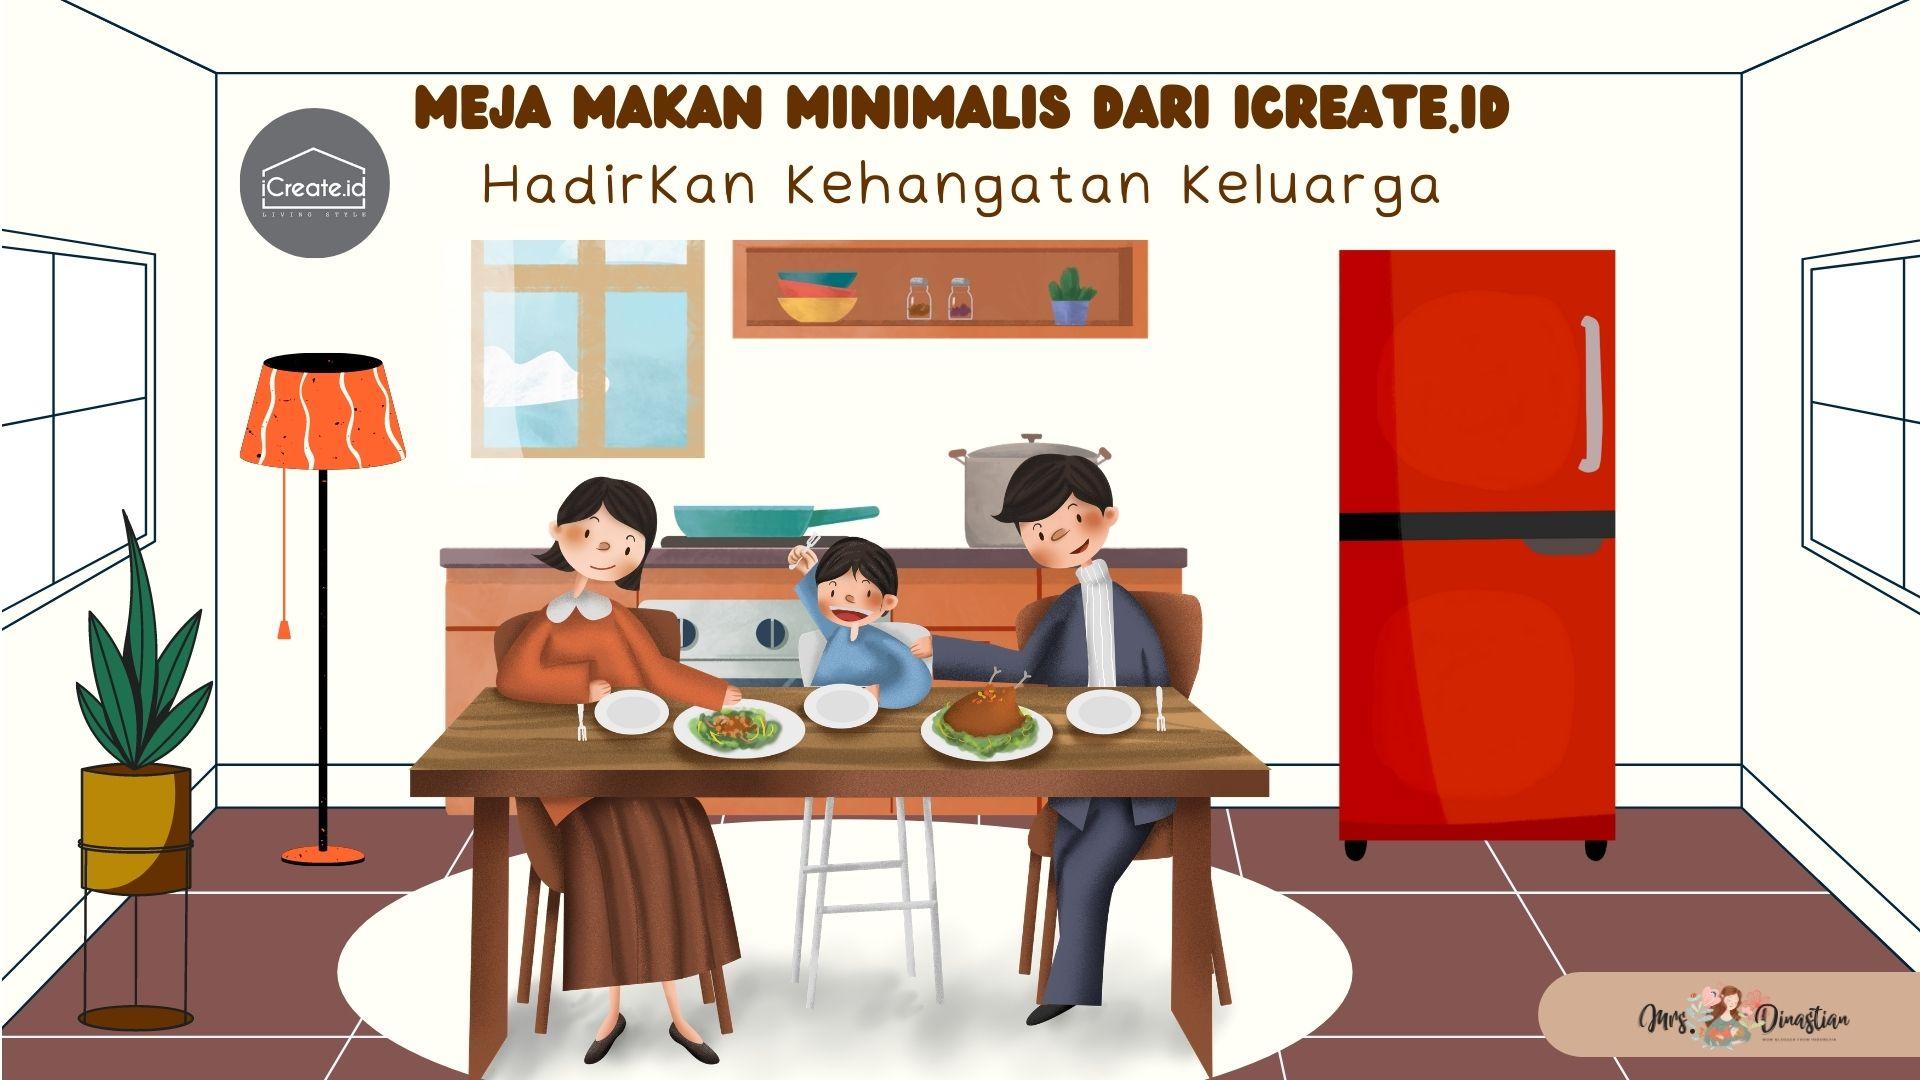 Meja Makan Minimalis iCreate.id